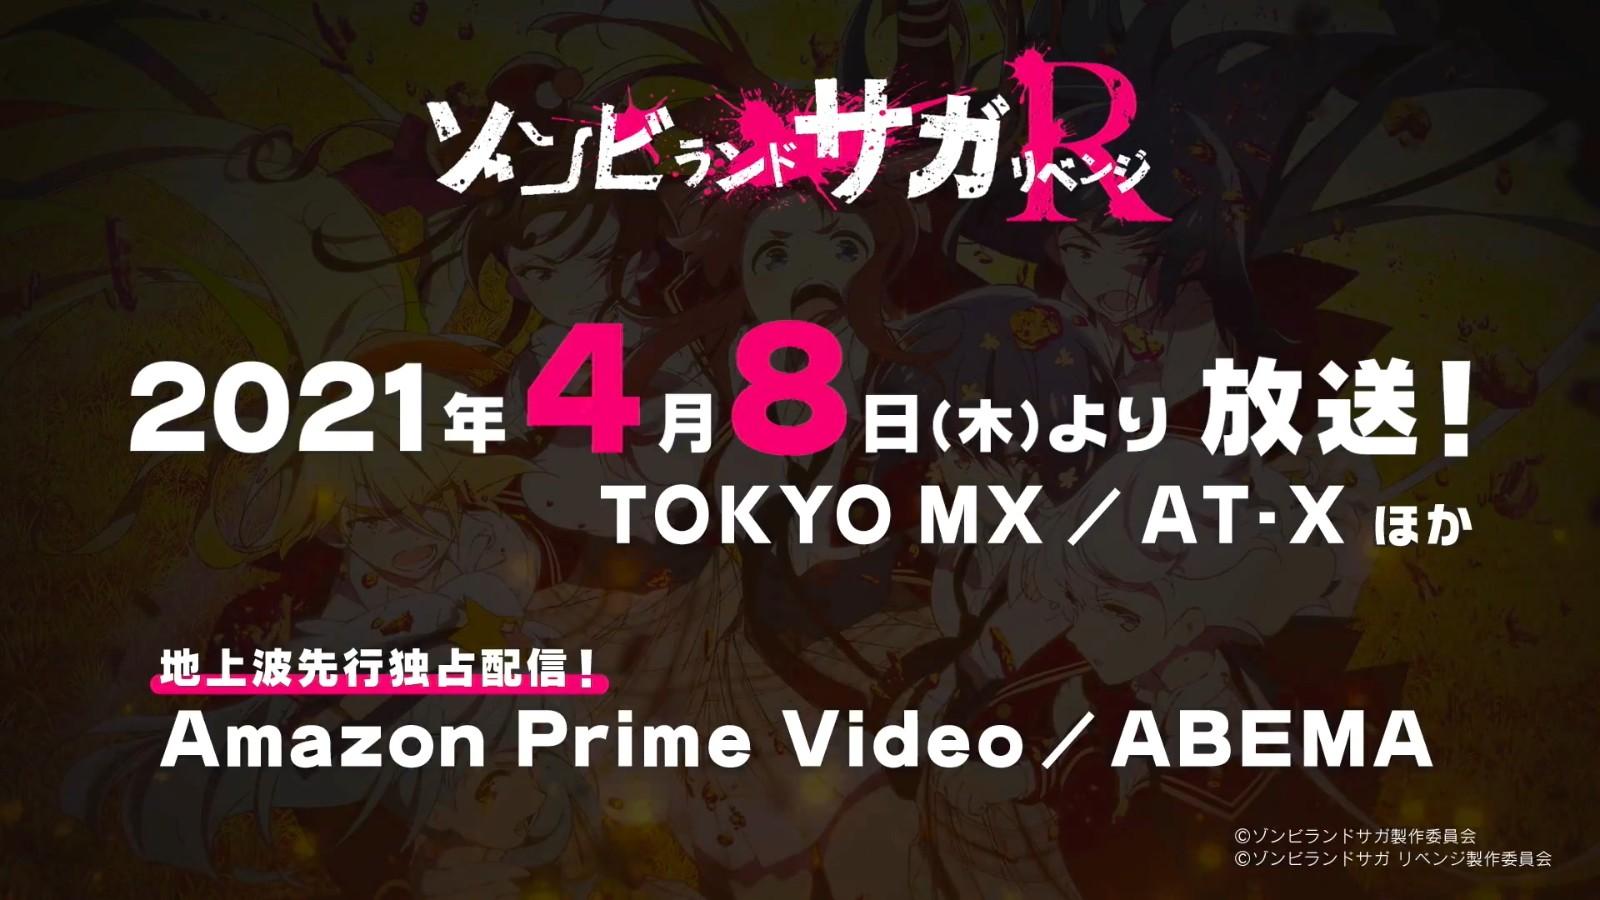 《佐贺偶像是传奇R》第二弹PV公布 4月8日放送